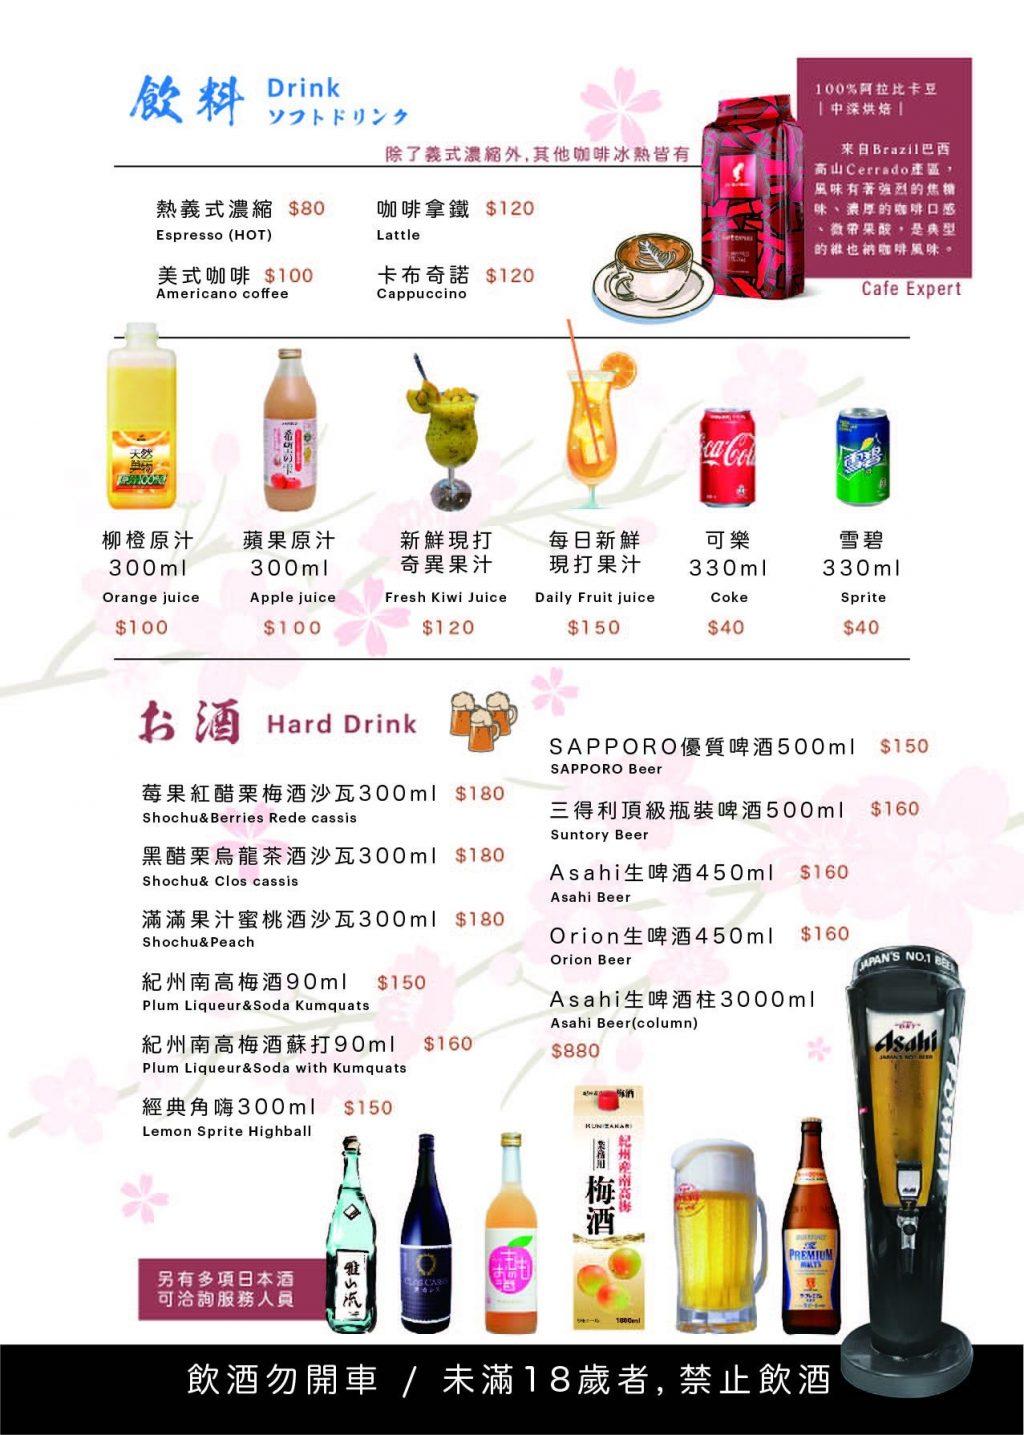 【台中東區】羽笠食事:Google 4.4顆星的好評,充滿日本酒場氛圍的日本料理店 @飛天璇的口袋